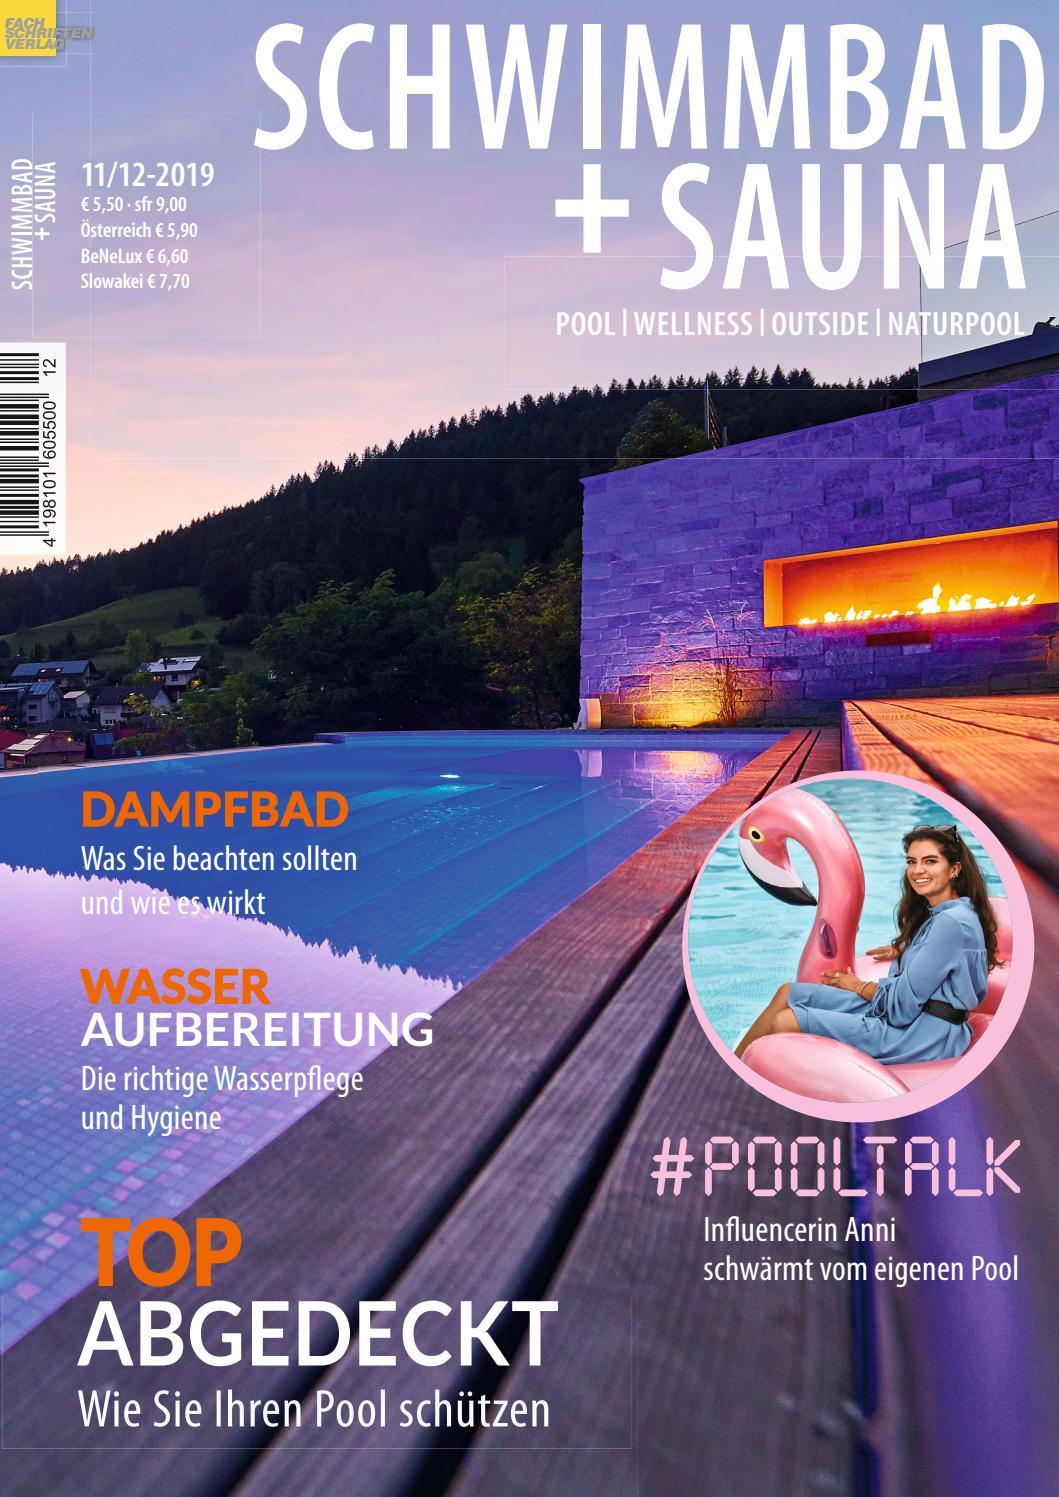 Full Size of Gebrauchte Gfk Pools Kaufen Schwimmbad Sauna 11 12 2019 By Fachschriften Verlag Küche Verkaufen Betten Einbauküche Regale Fenster Wohnzimmer Gebrauchte Gfk Pools